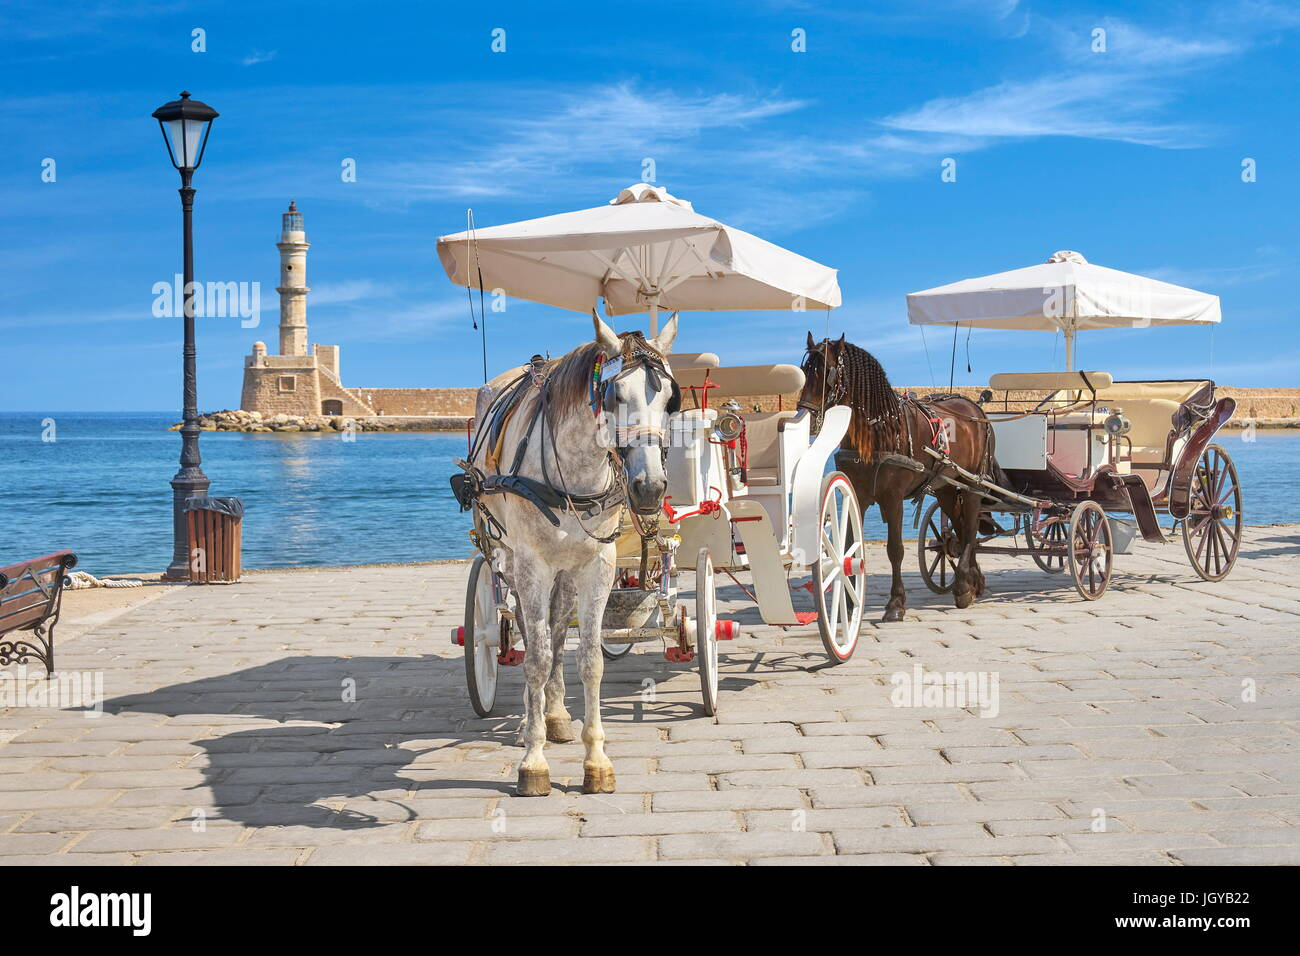 Carrello a cavallo, il faro in background, Chania old town, Creta, Grecia Immagini Stock